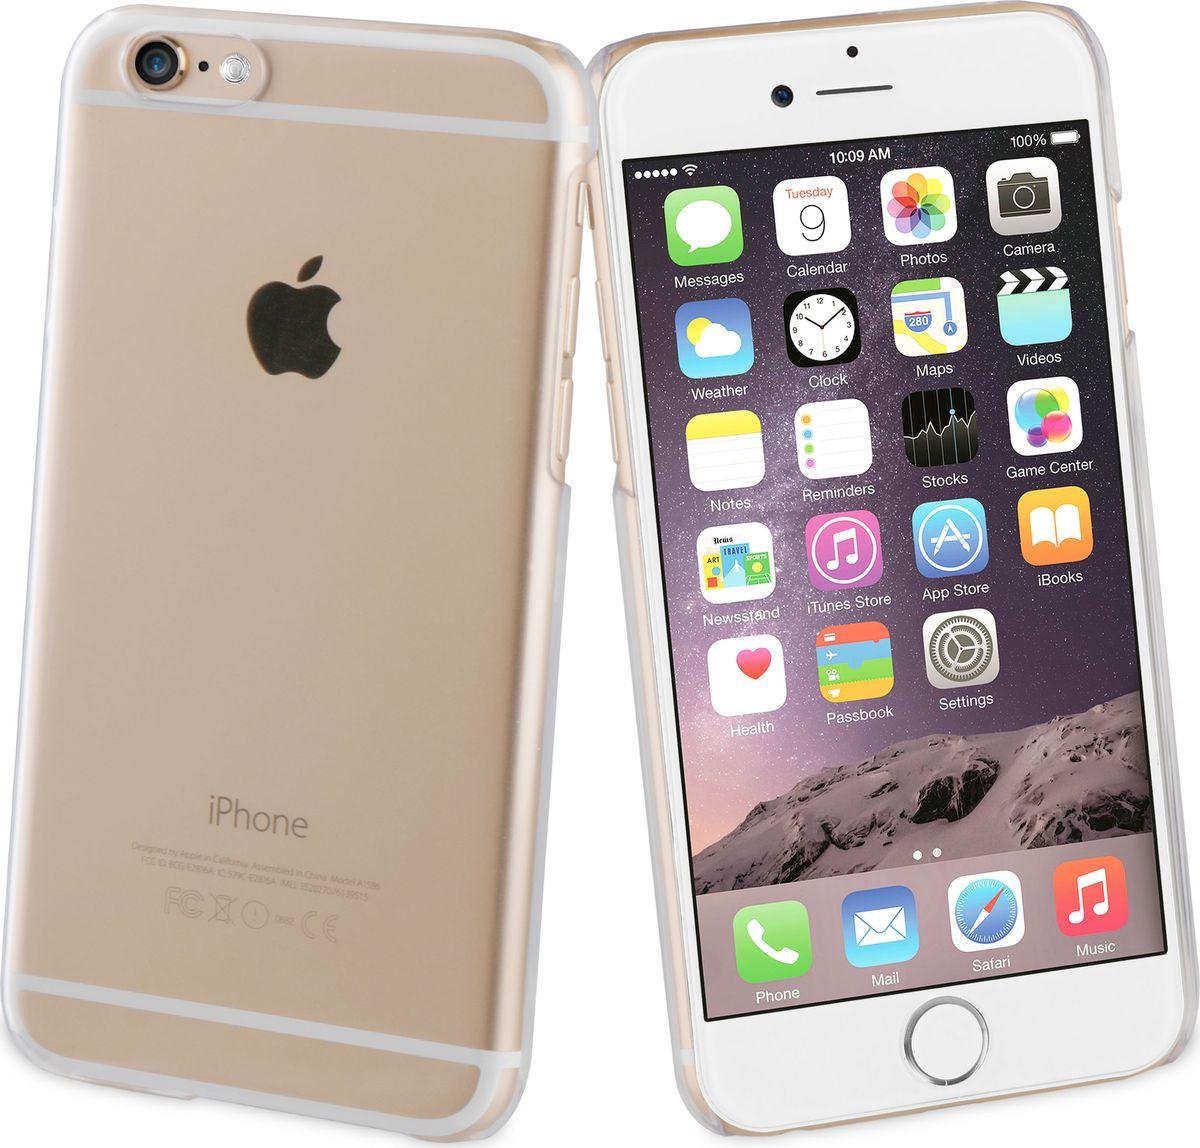 Чехол для сотового телефона Muvit Crystal Case для iPhone 6/6S, MUCRY0030, прозрачный nite ize niteize connect wallet case для apple iphone 6 6s чехол книжка поликарбонат черный